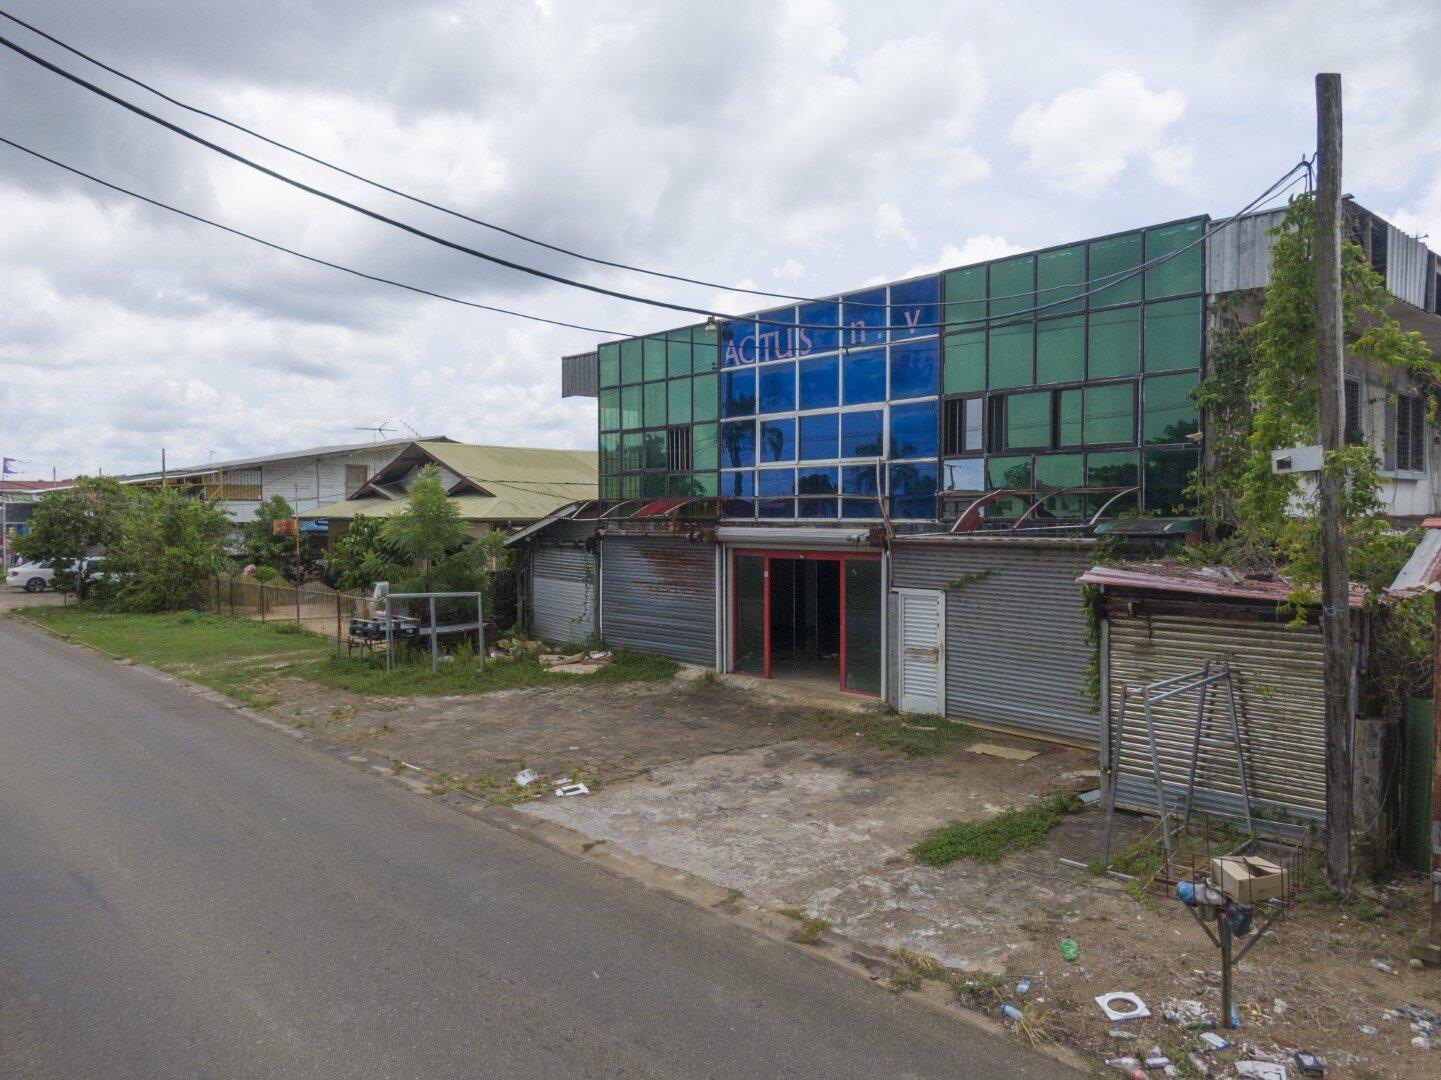 David Simonsstraat perceel 308 - Goed gelegen locatie met zakenpand te Rainville - Surgoed Makelaardij NV - Paramaribo, Suriname